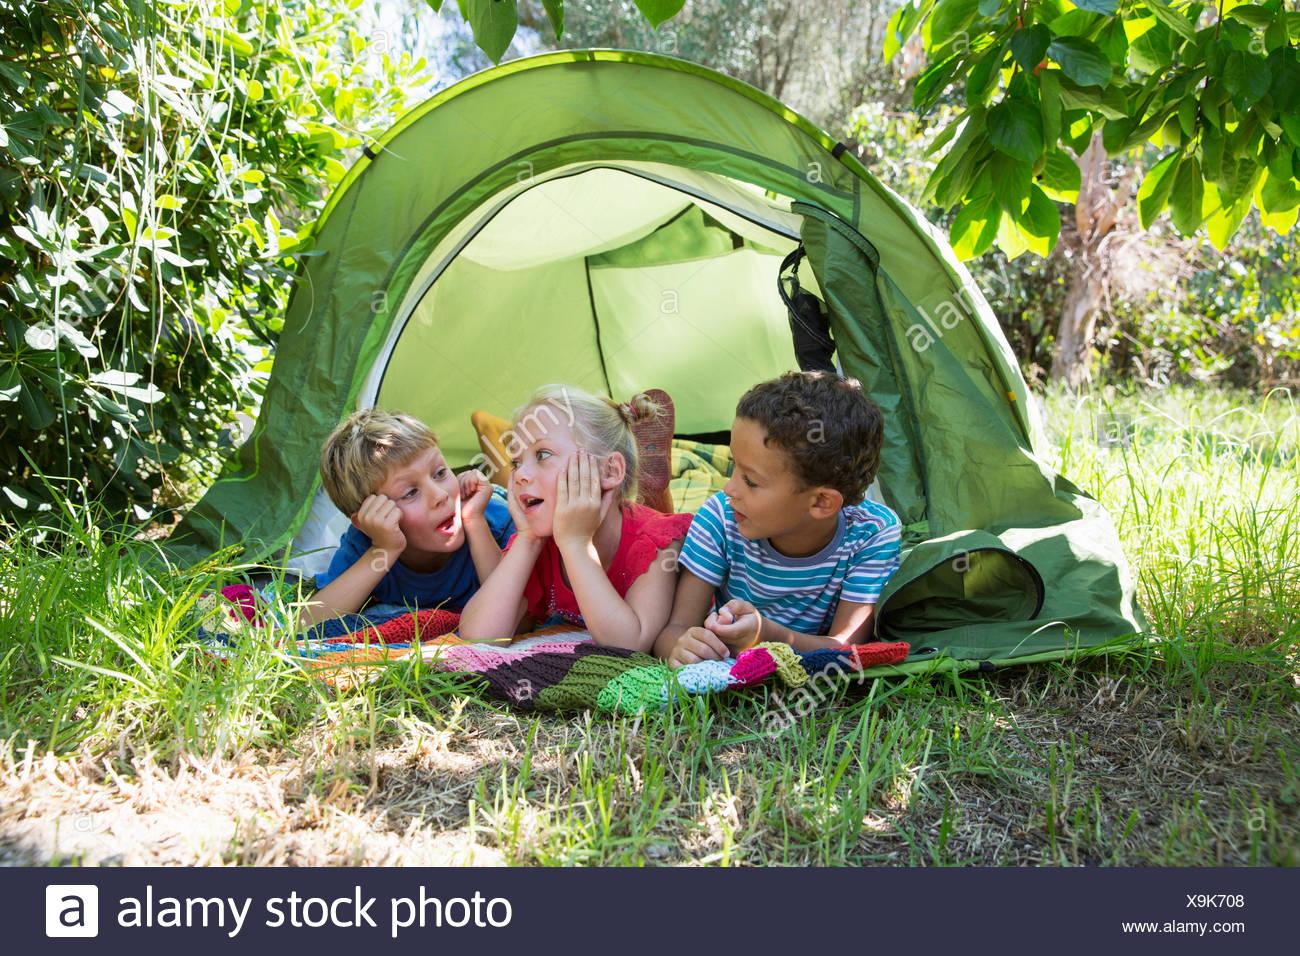 Drei Kinder Im Chat Bei Gartenzelt Stockfoto Bild 281320376 Alamy